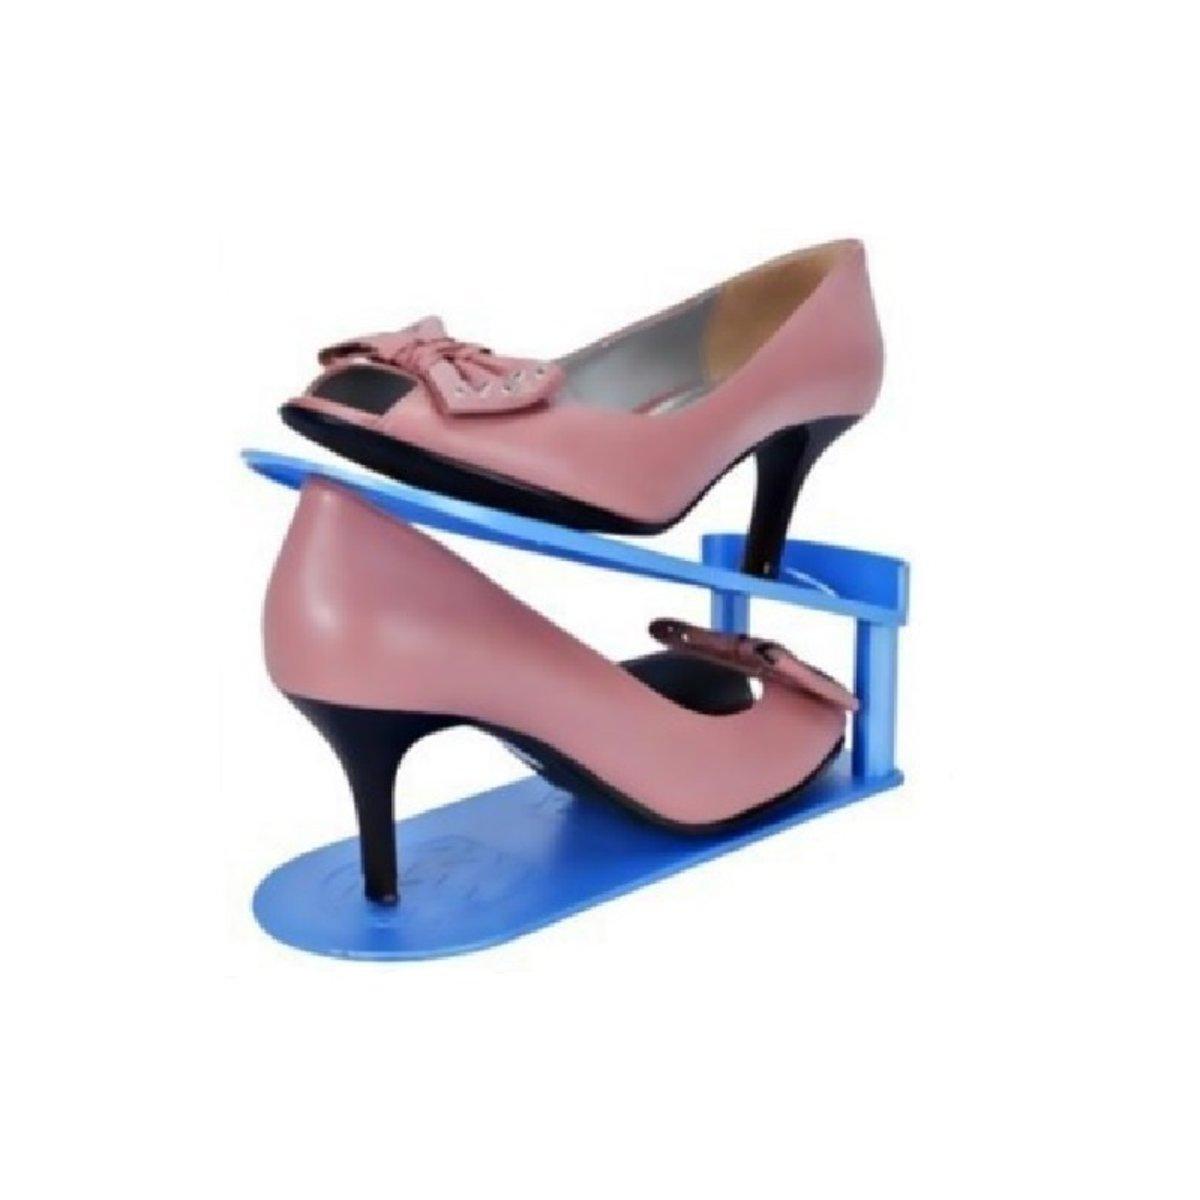 日式收納鞋架 (6 件)